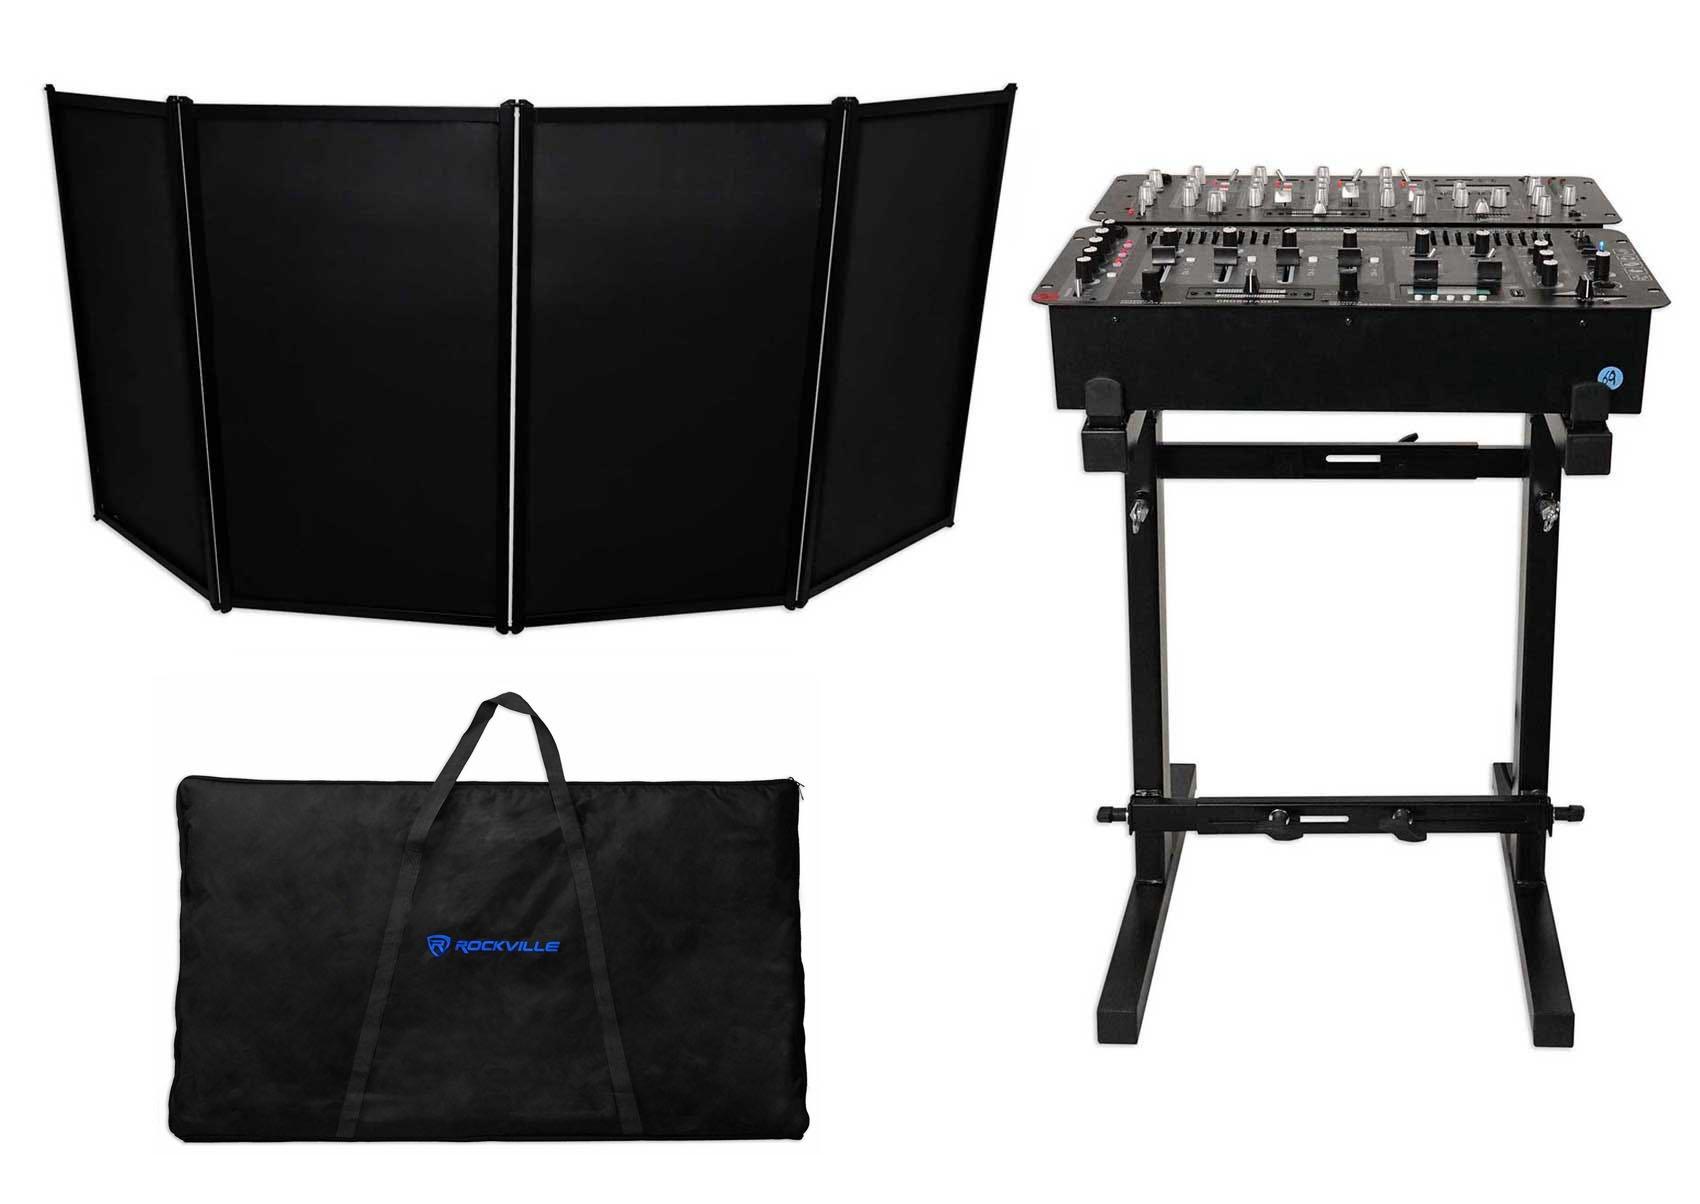 Rockville RFAAB DJ Event Facade Light Weight Booth+Travel Bag+Scrim+Mixer Stanad by Rockville